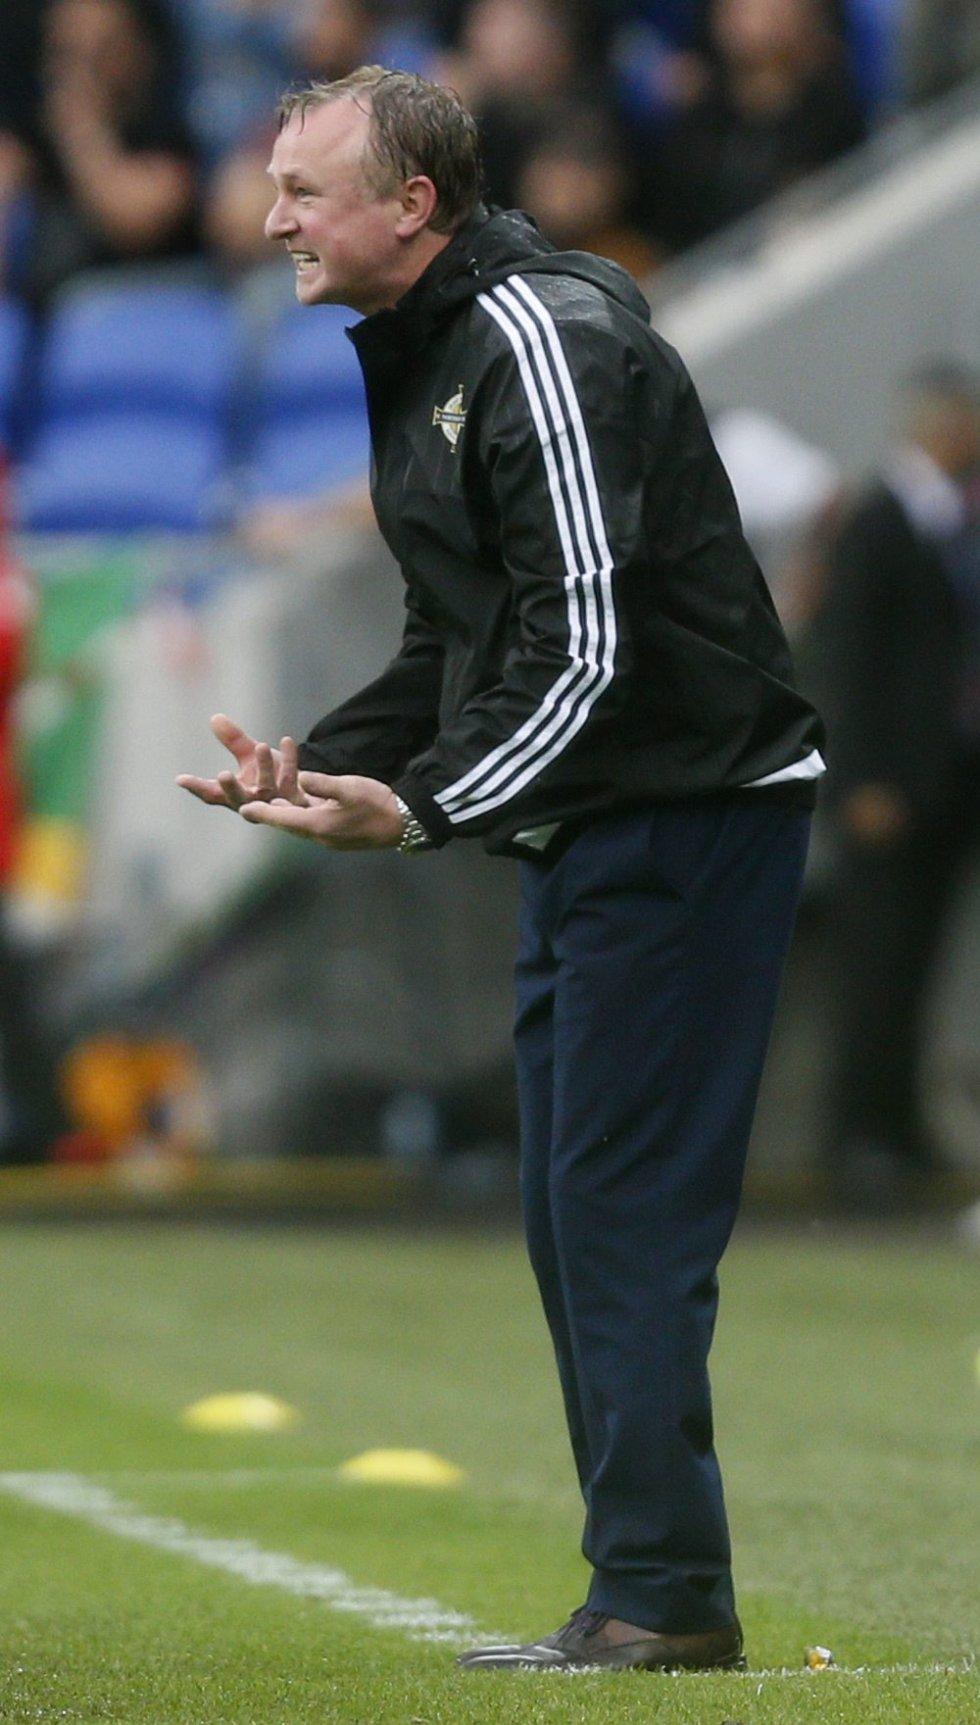 El entrenador de Irlanda del Norte Michael O'Neill da indicaciones a sus dirigidos.